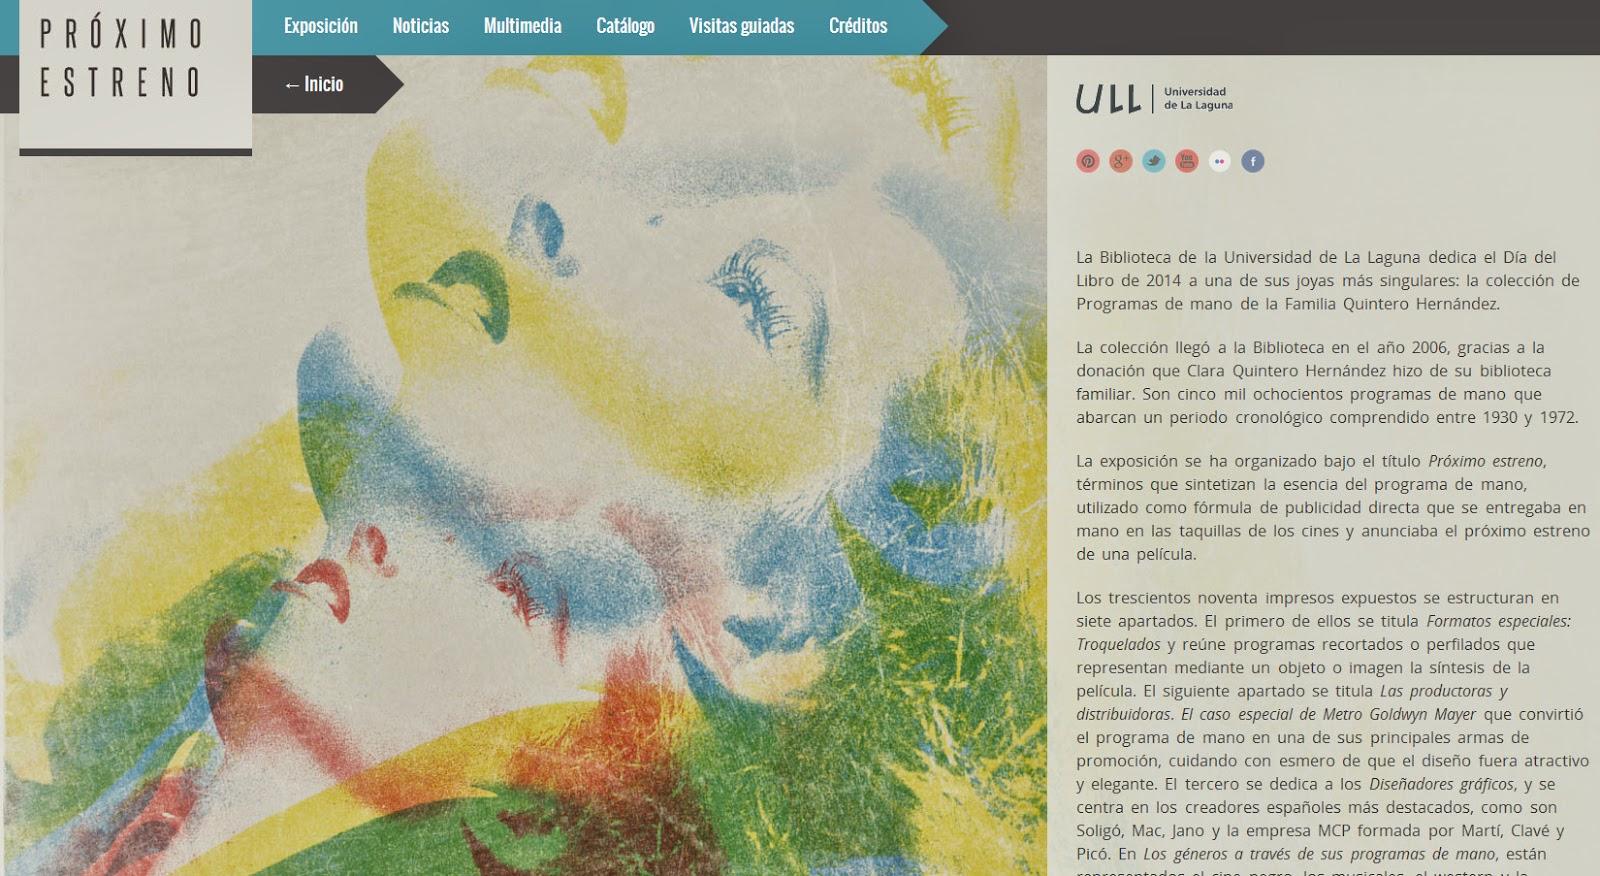 """Web de la exposición """"Próximo estreno"""""""